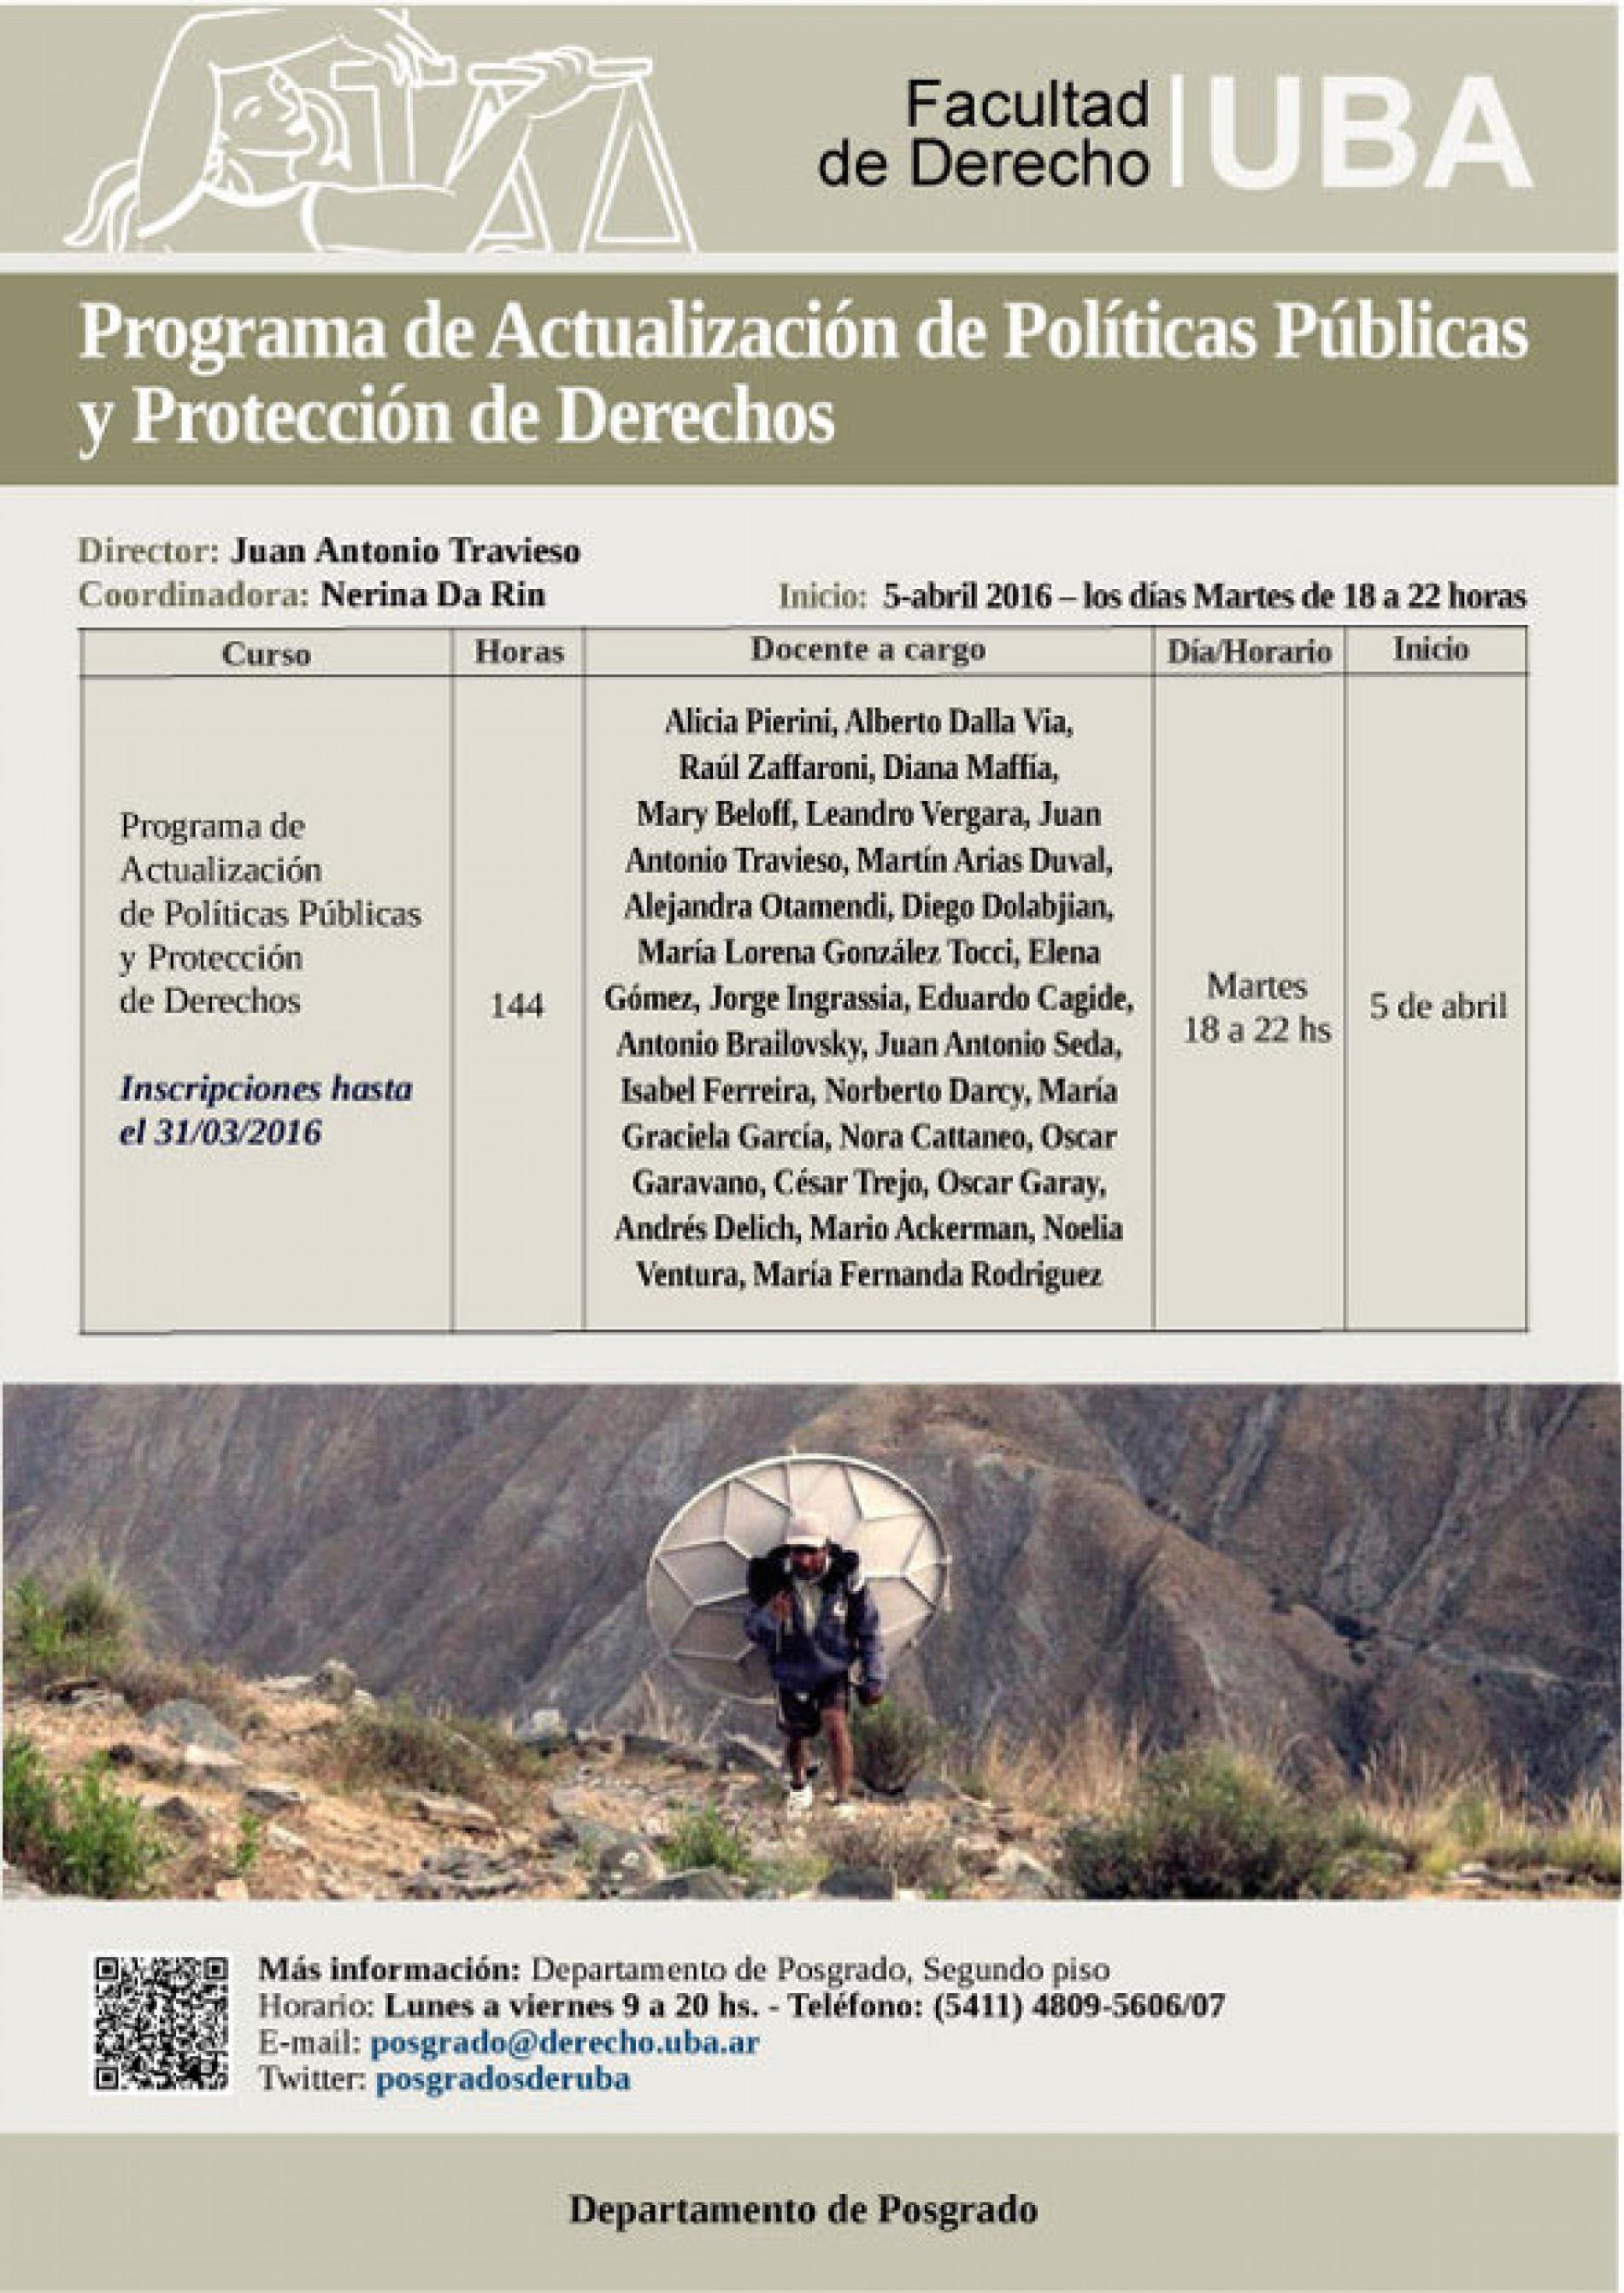 Programa de Actualización de Políticas Públicas y Protección de Derechos